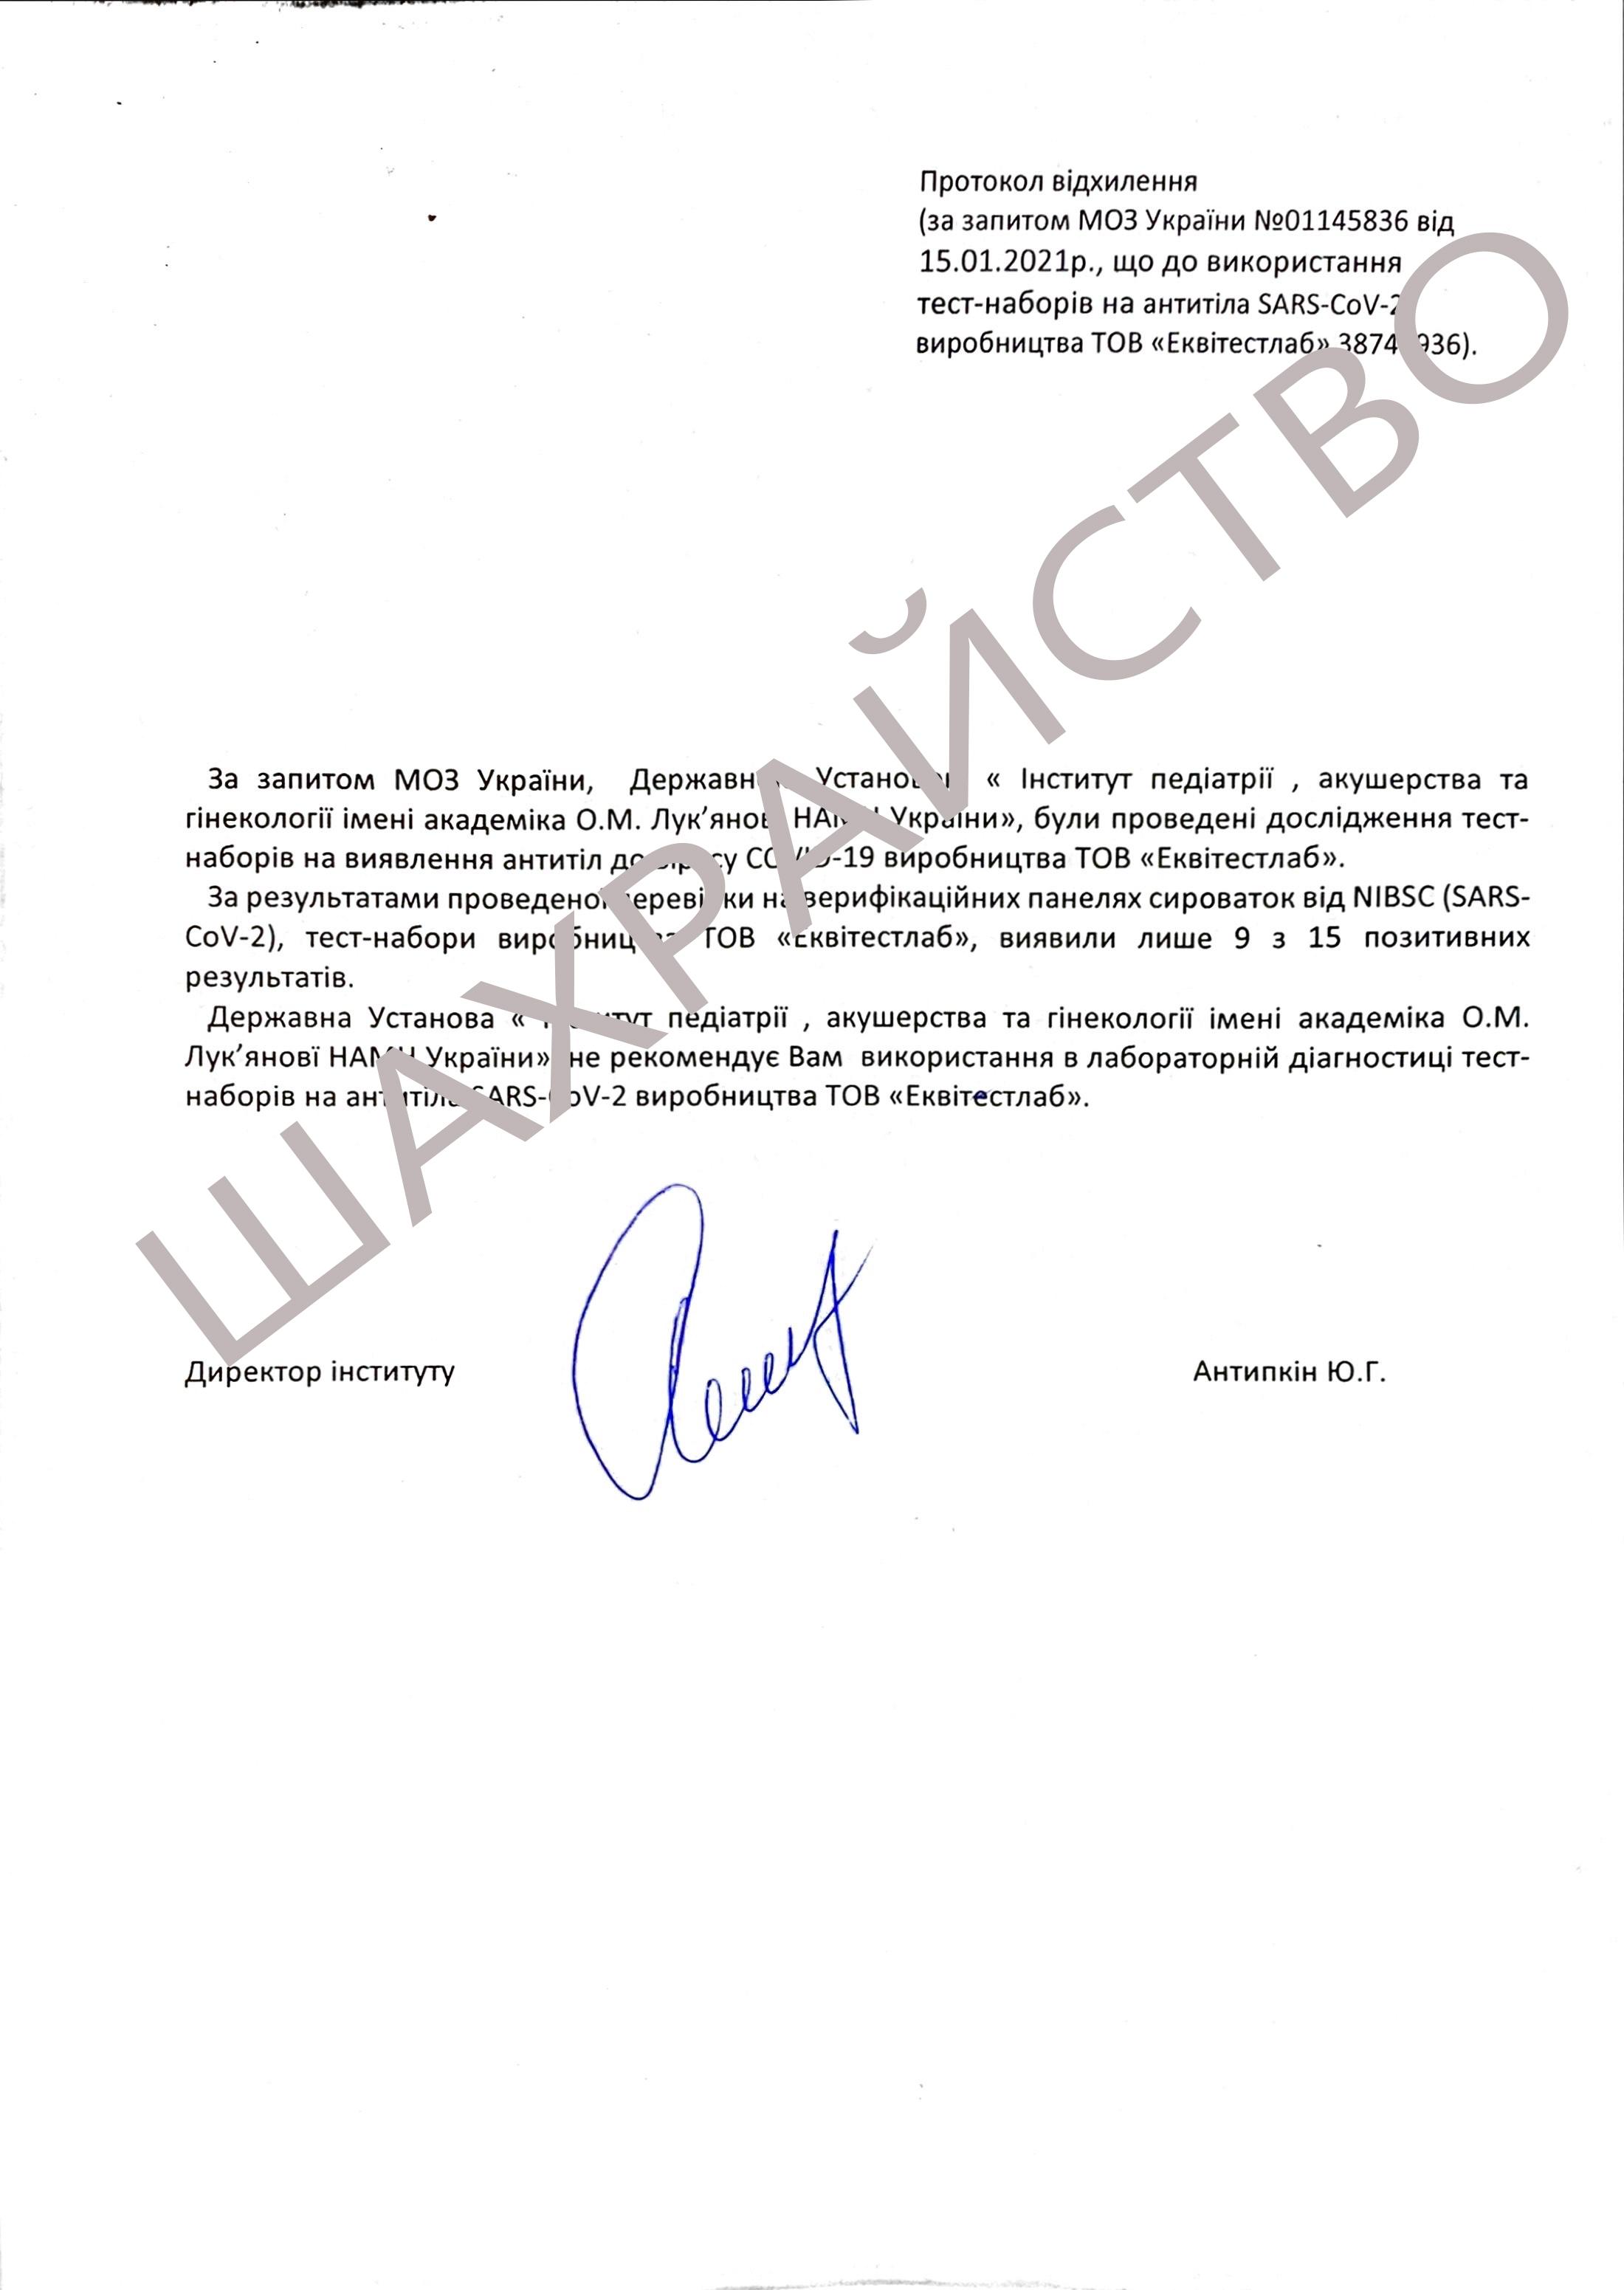 Підроблений лист начебто від імені ІПАГ, який шахраї розсилають клієнтам «Еквітестлаб»